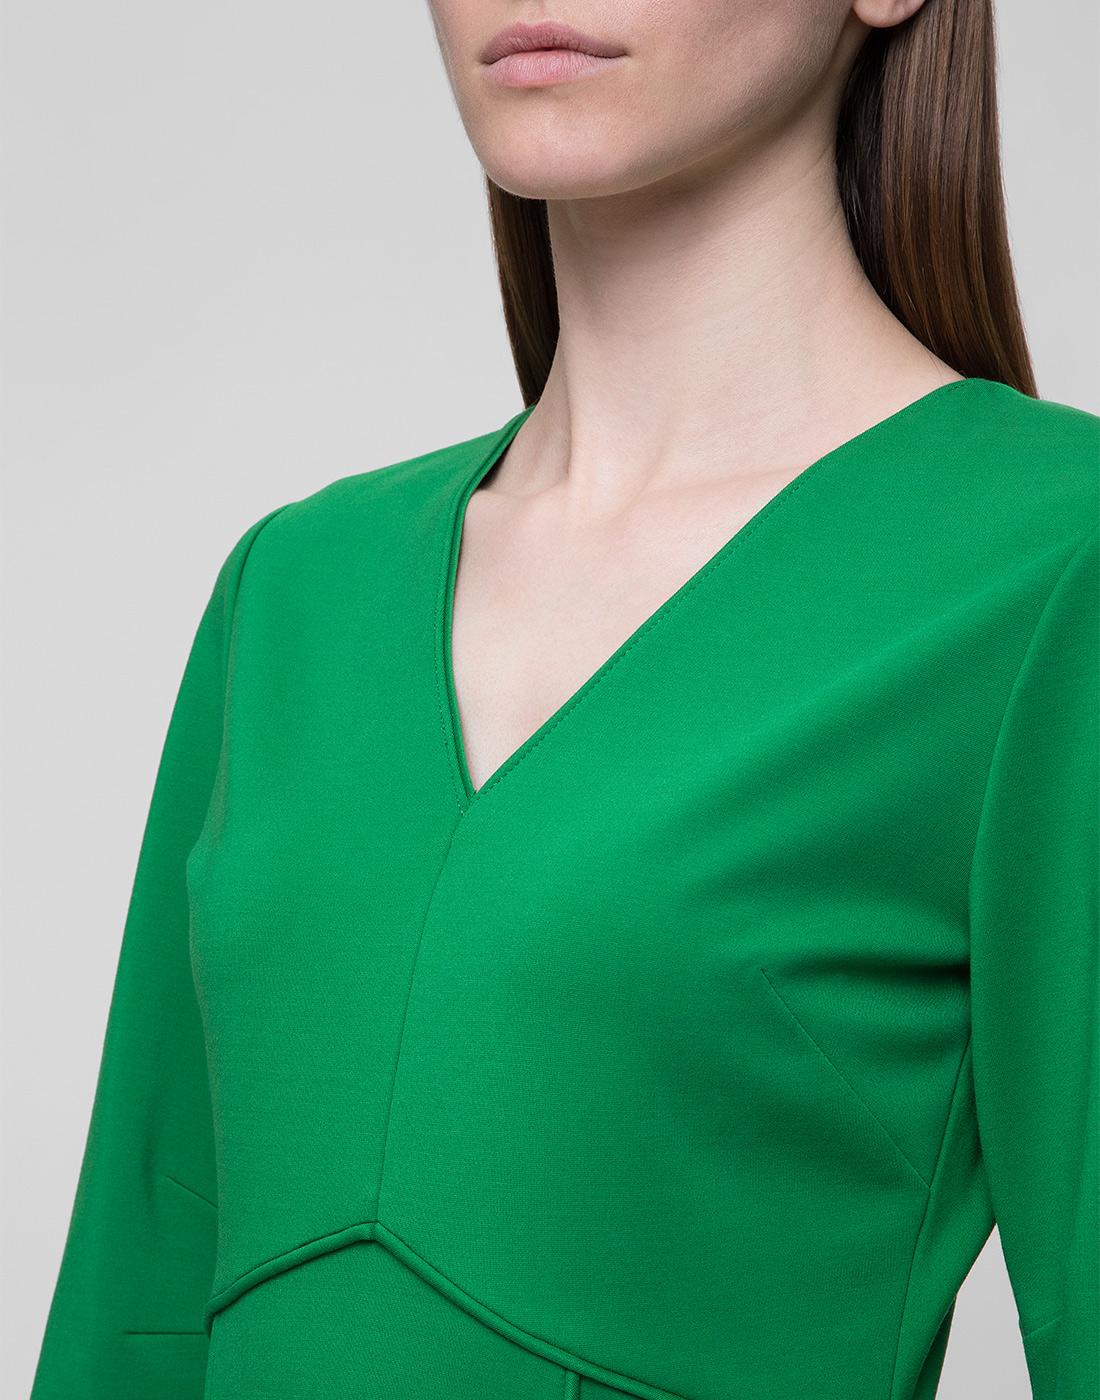 Женское зеленое платье Dorothee Schumacher S548013/562-6